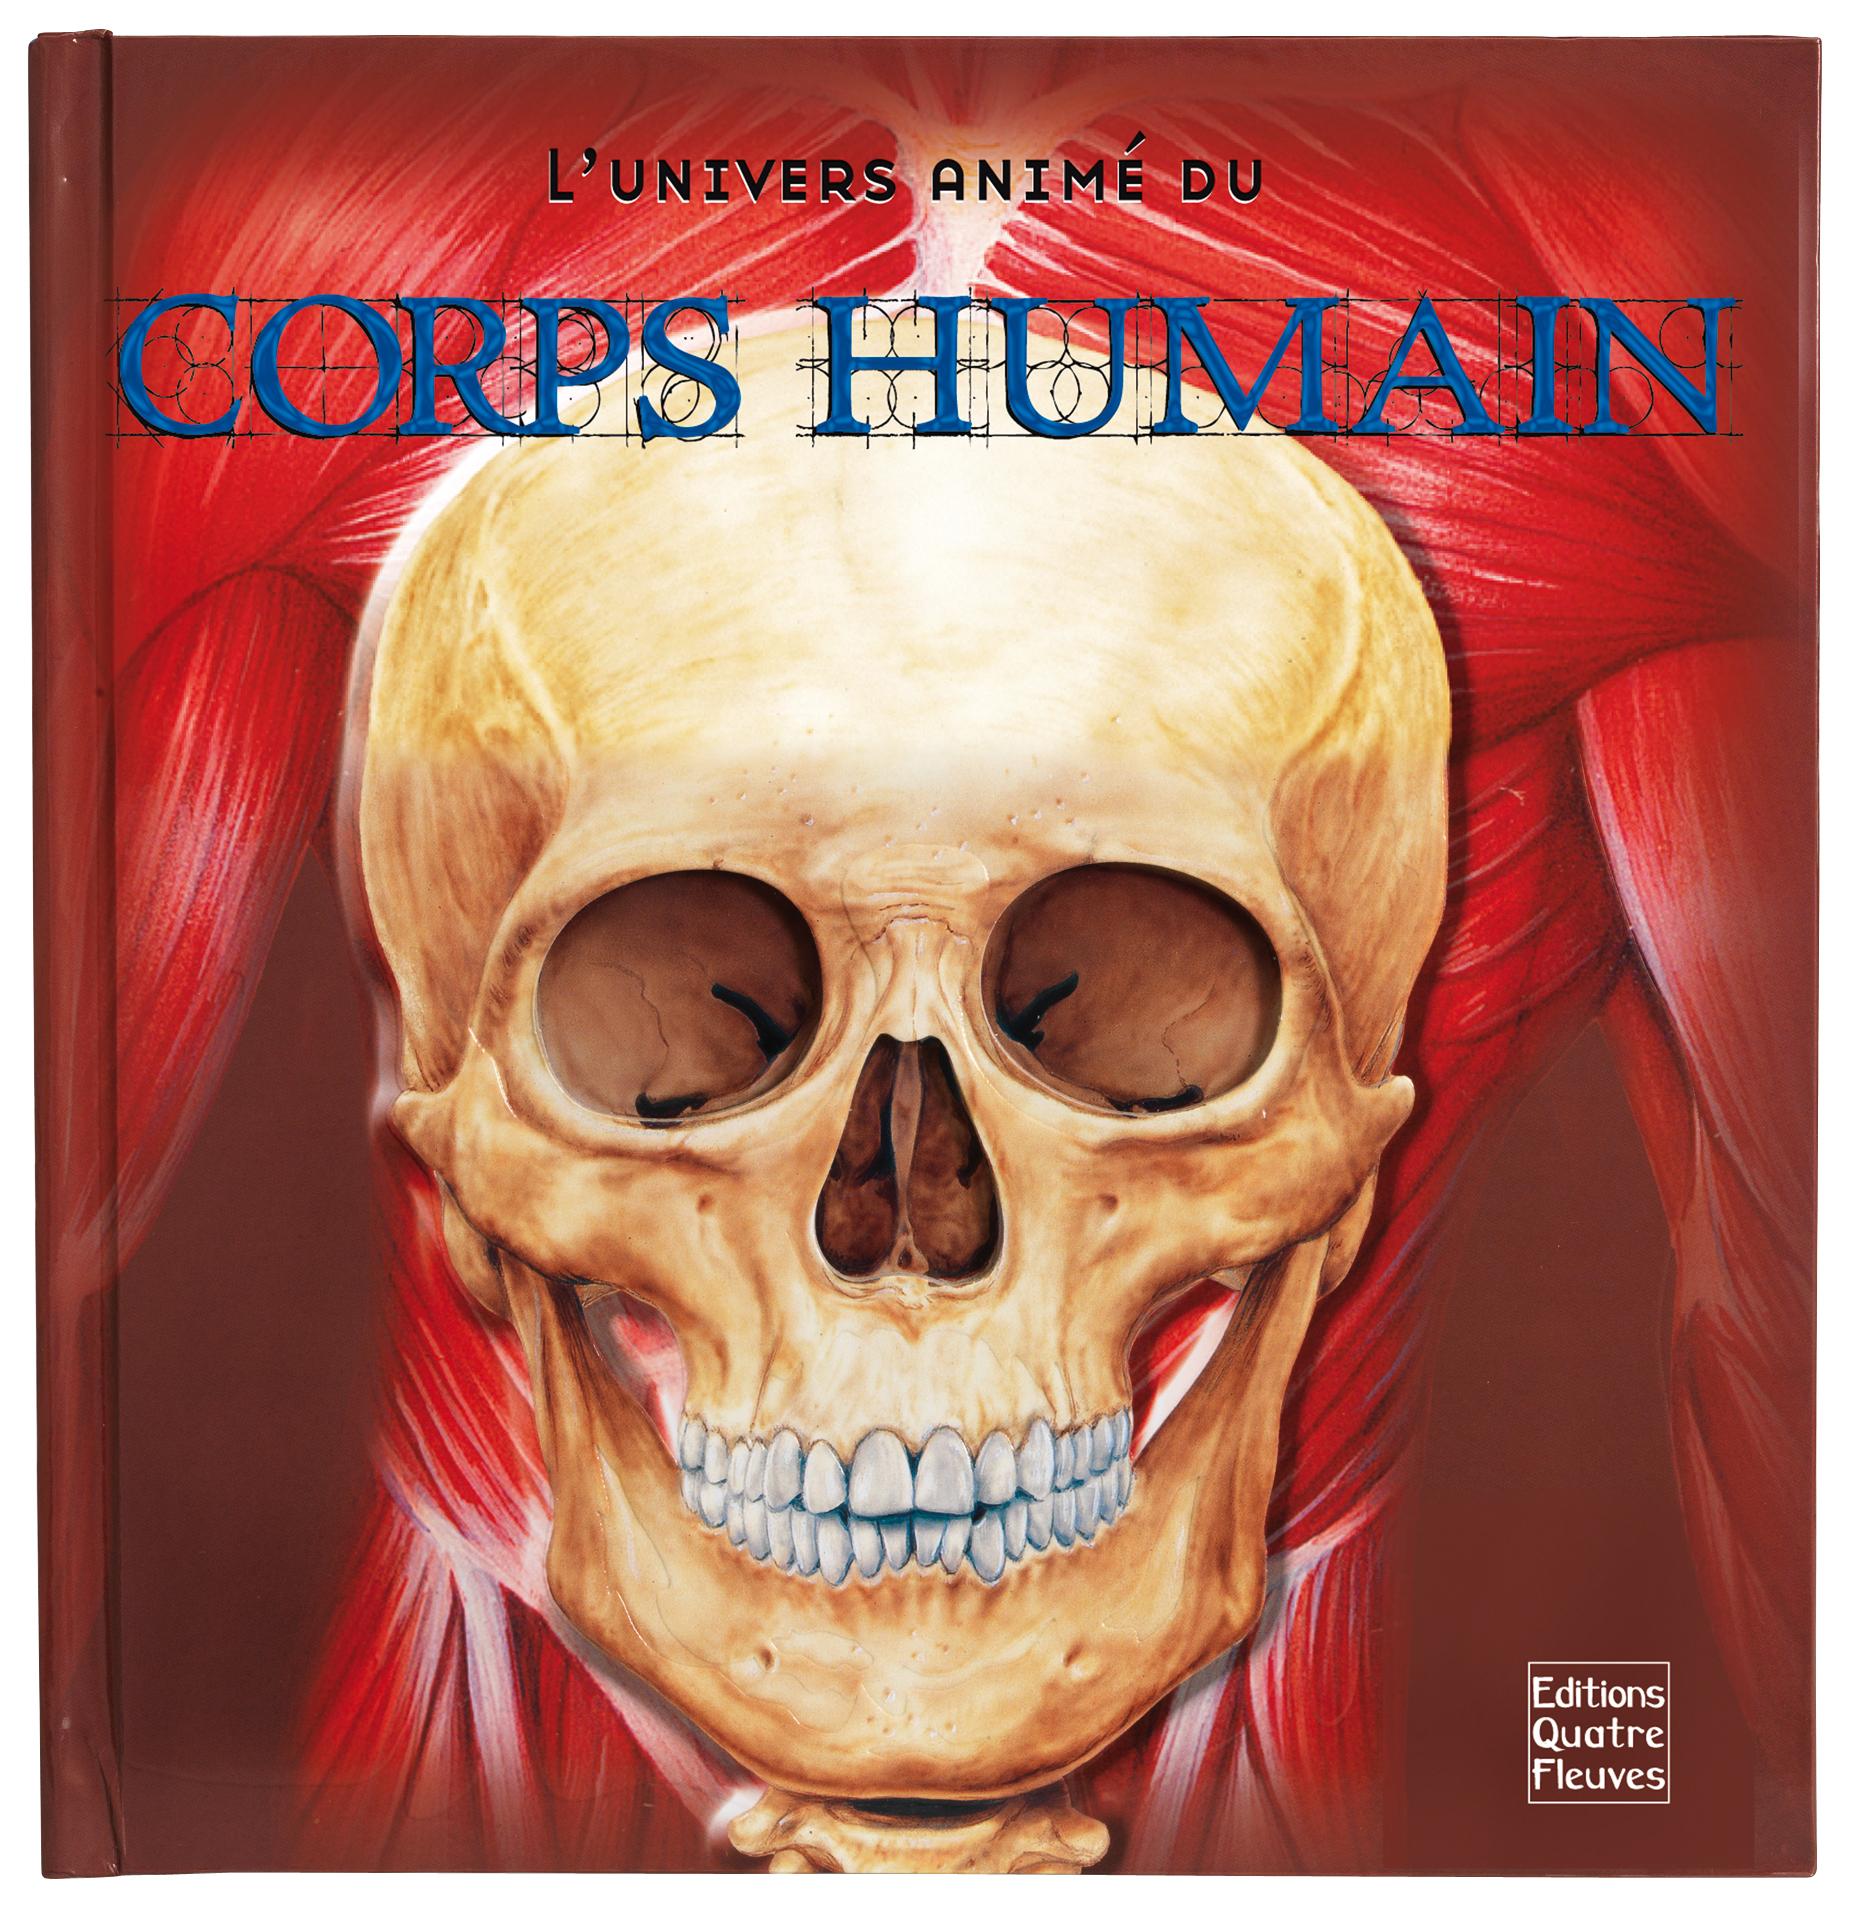 L'UNIVERS ANIME DU CORPS HUMAIN